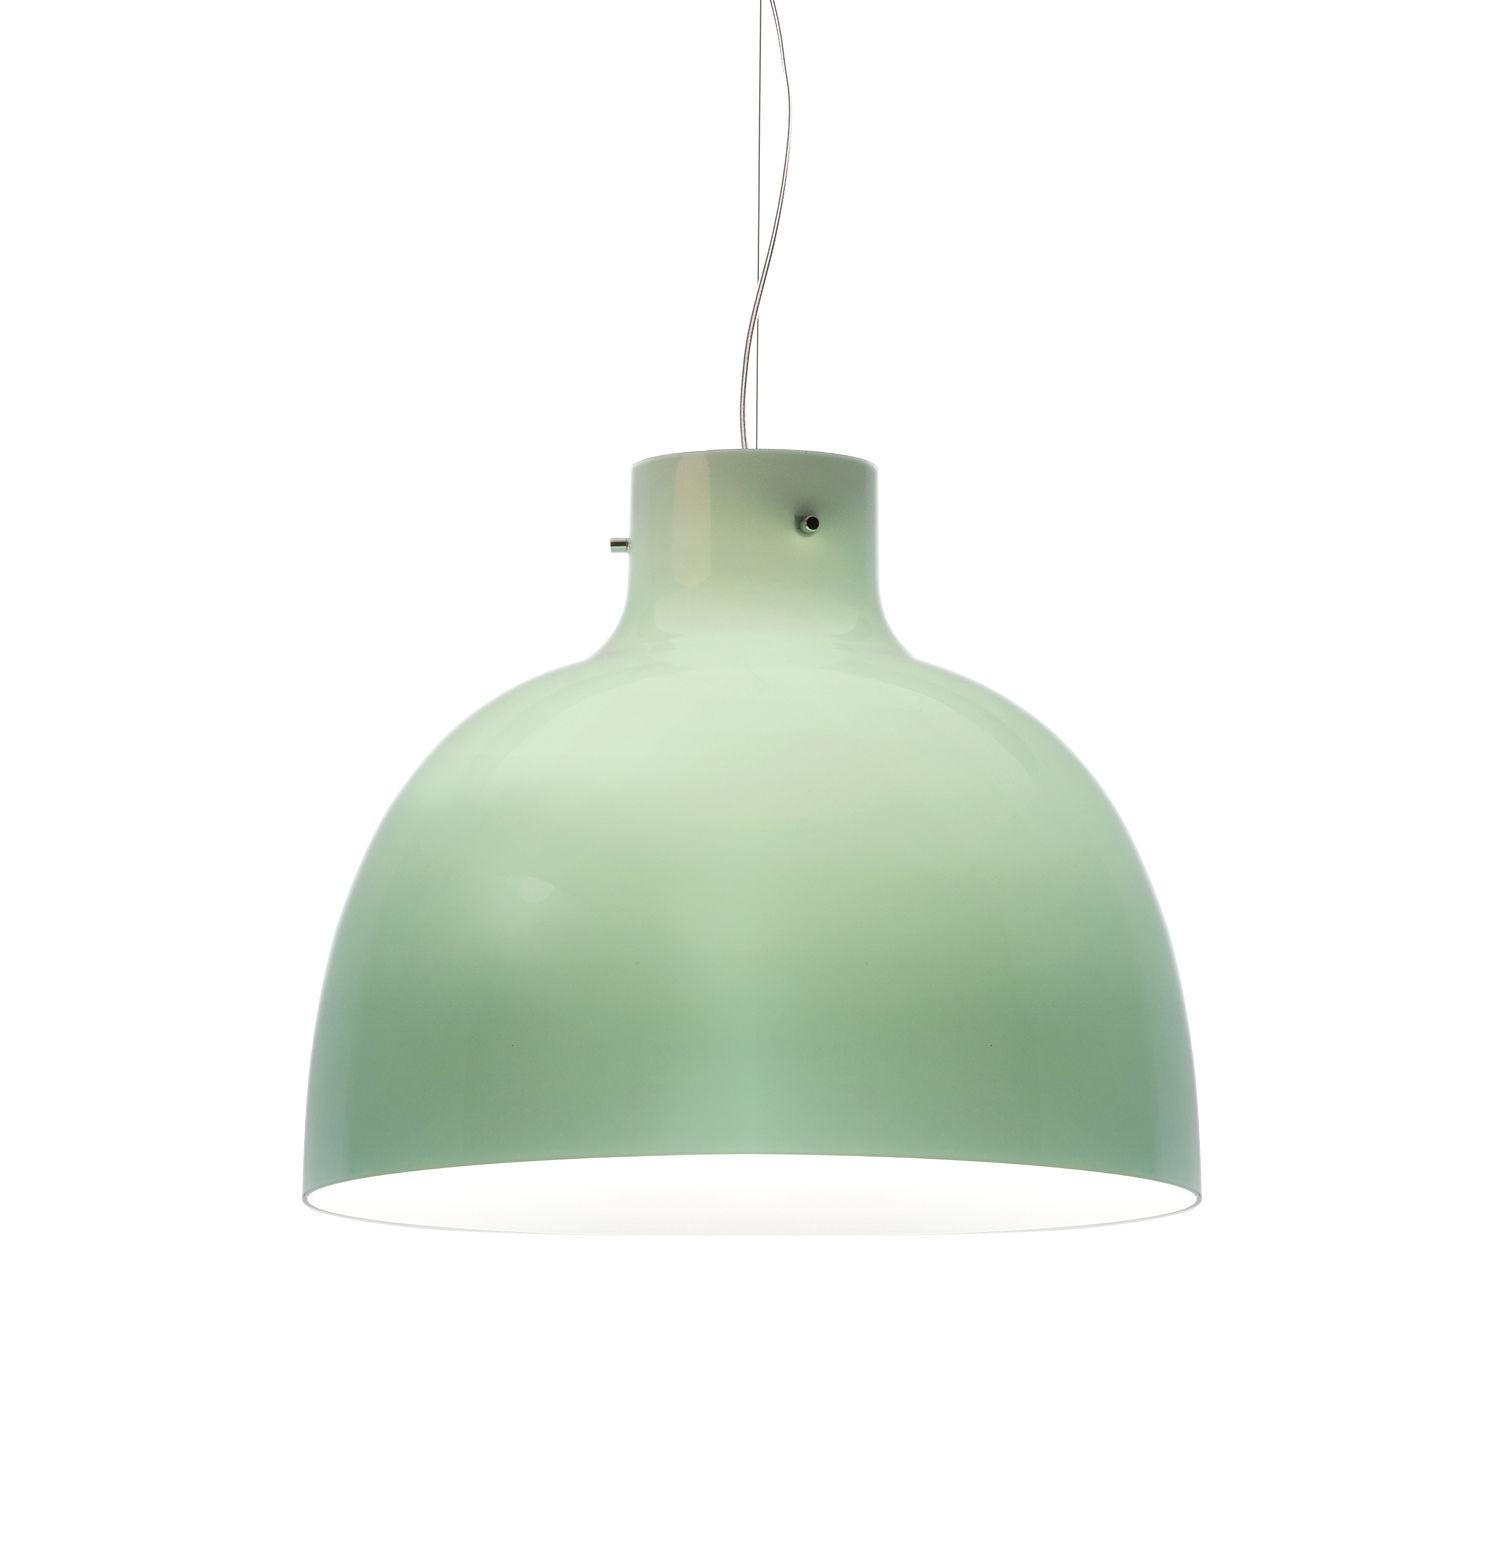 Illuminazione - Lampadari - Sospensione Bellissima Glossy - / Ø 50 cm - Plastica di Kartell - Verde brillante - Tecnopolimero termoplastico